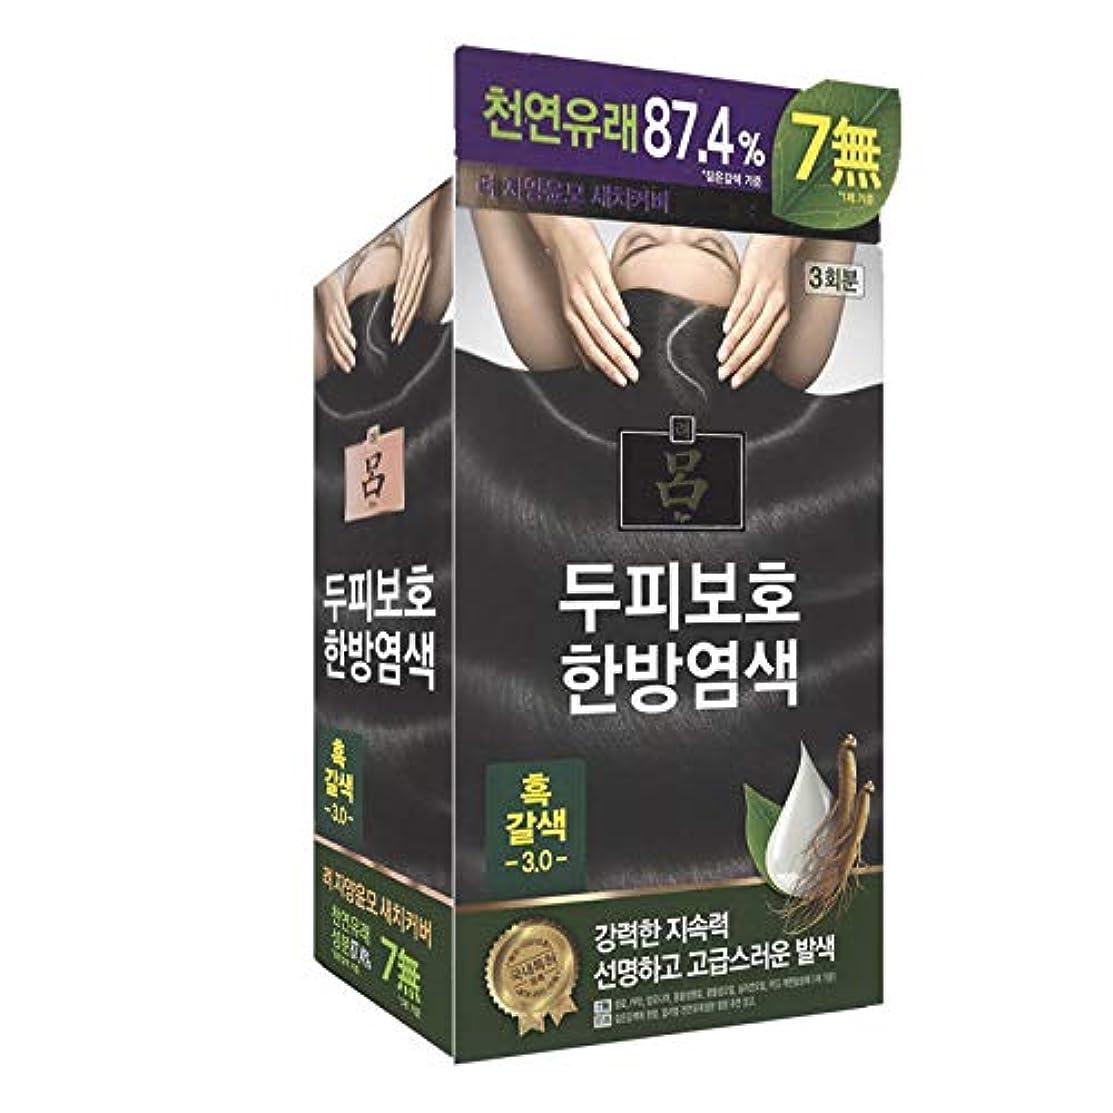 流用する。接地アモーレパシフィック呂[AMOREPACIFIC/Ryo] Jayang Yunmoグレーヘアカバー 3.0 黒褐色(Blackish Brown)